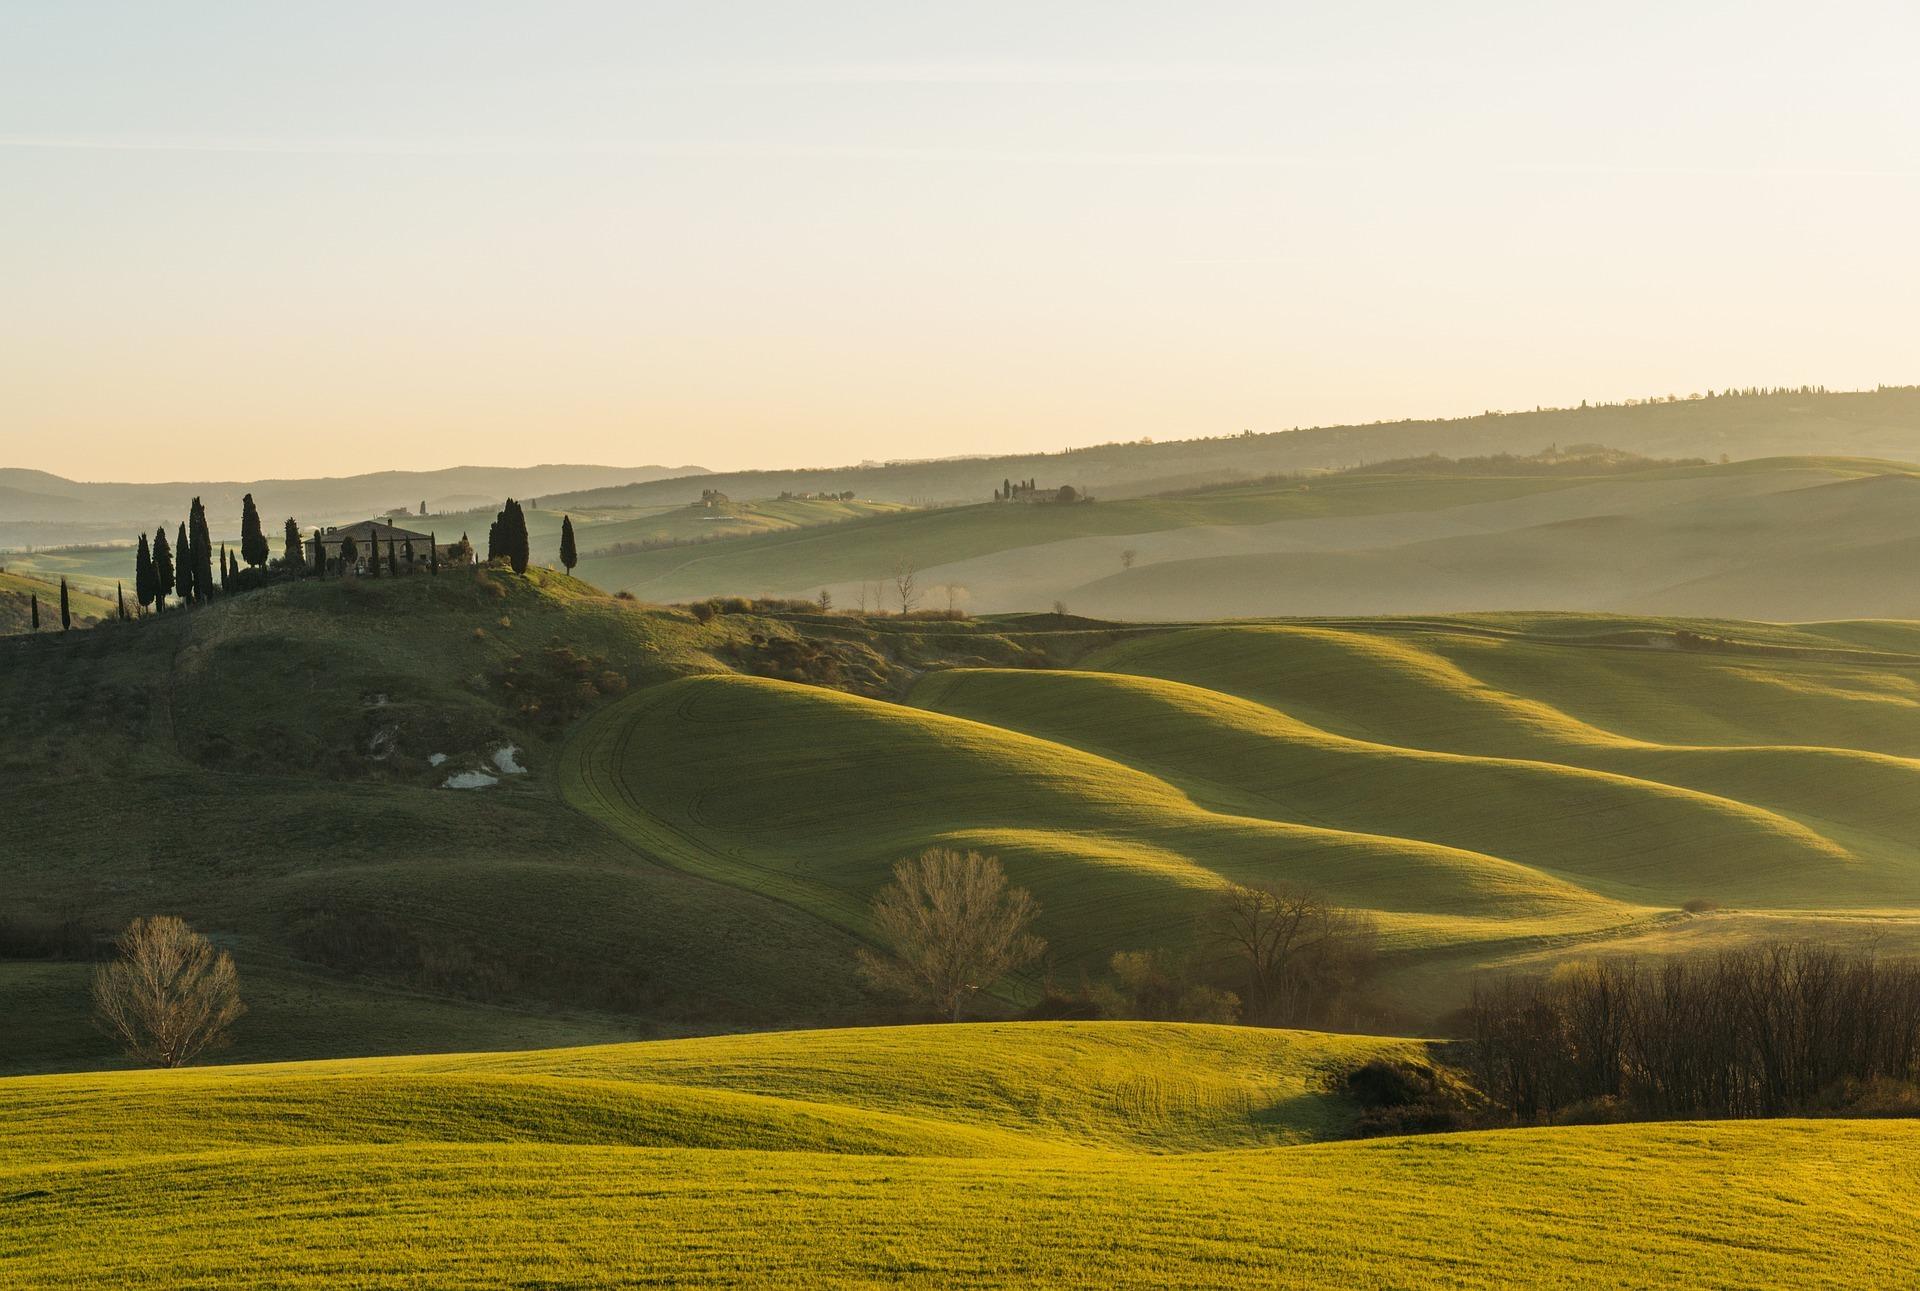 イタリアの田舎を満喫できるアグリツーリズモを体験しよう!